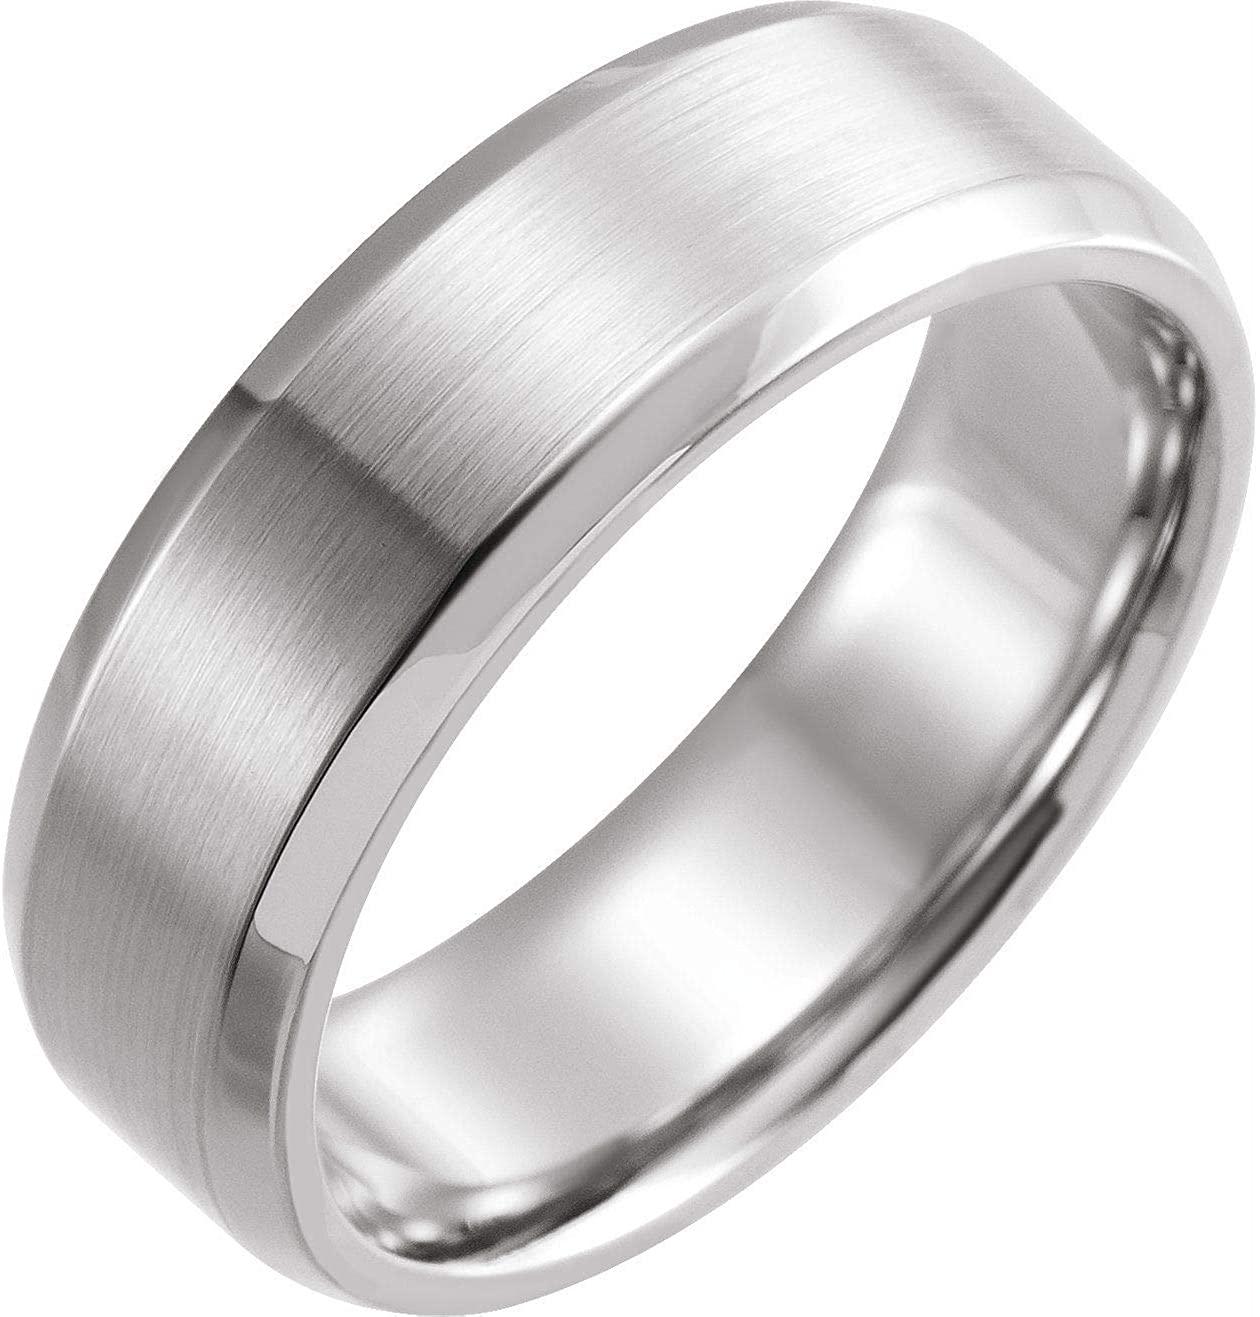 Bonyak Jewelry 14K X1 White 7mm Beveled-Edge Band with Satin Finish - Size 17 in 14k White Gold